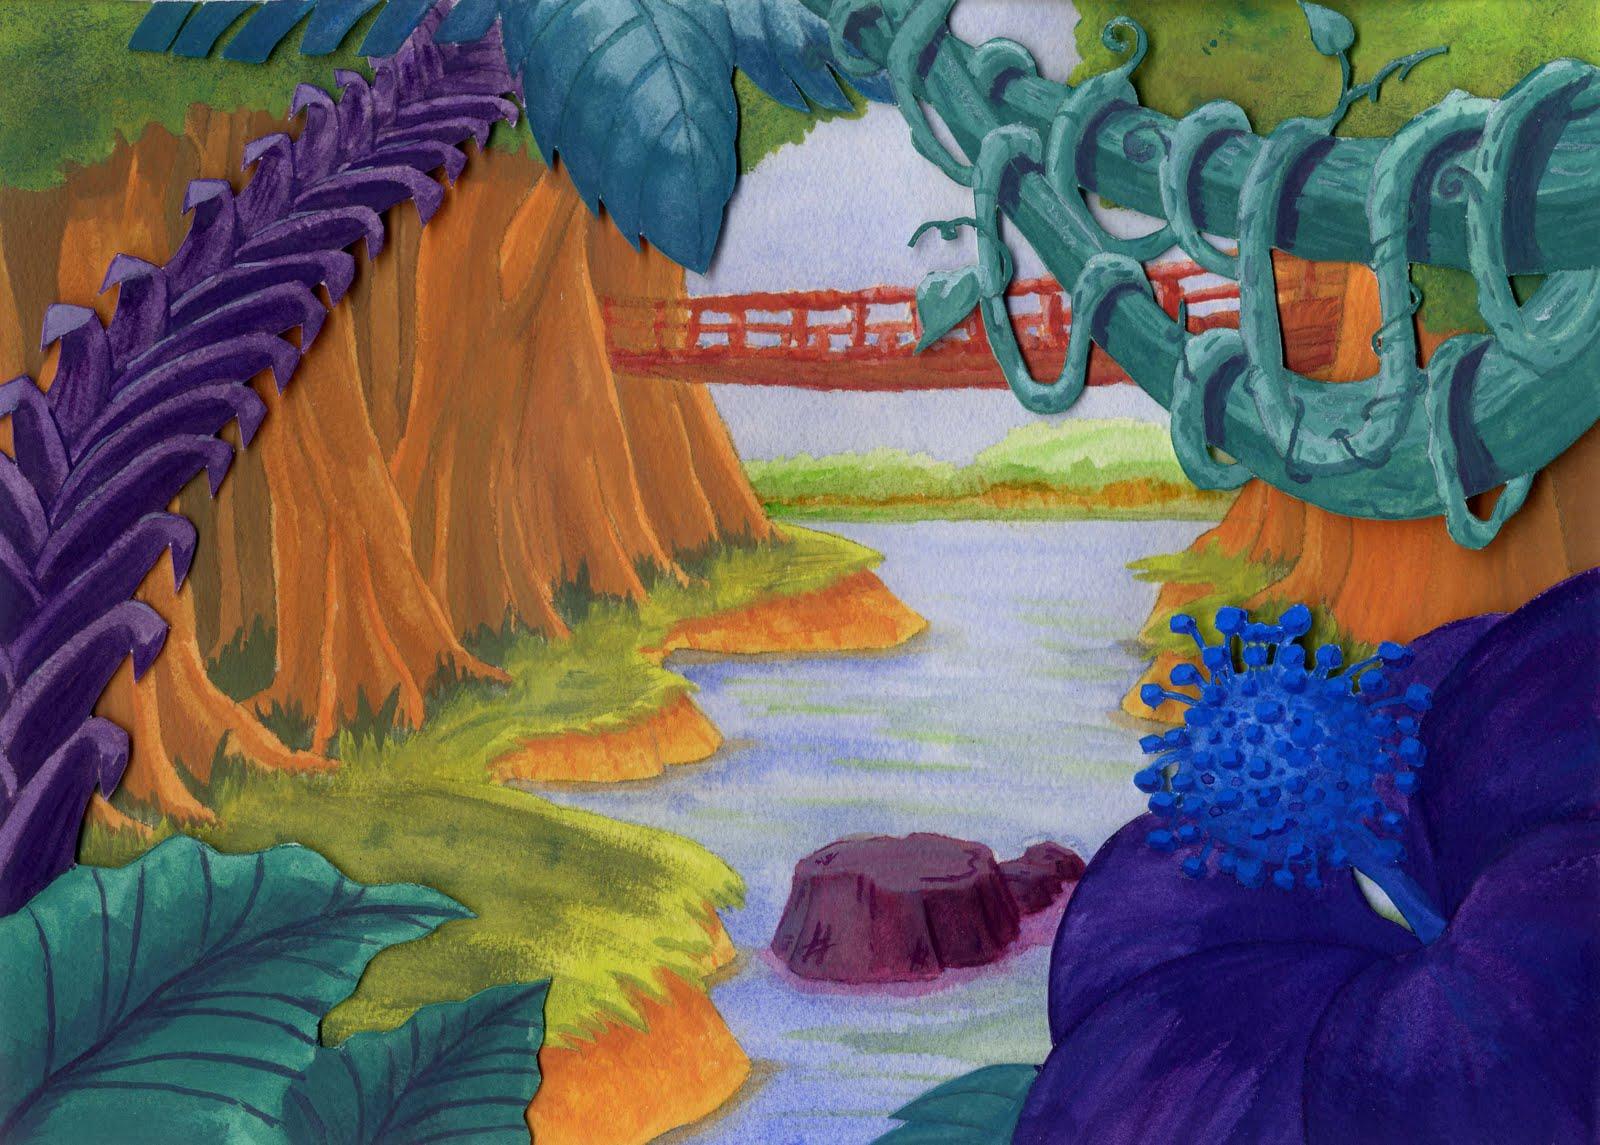 http://4.bp.blogspot.com/_hq8t-b_Qxlw/S9OlCY1ZdQI/AAAAAAAAAOM/FlzBtUNz1-0/s1600/jungle.JPG